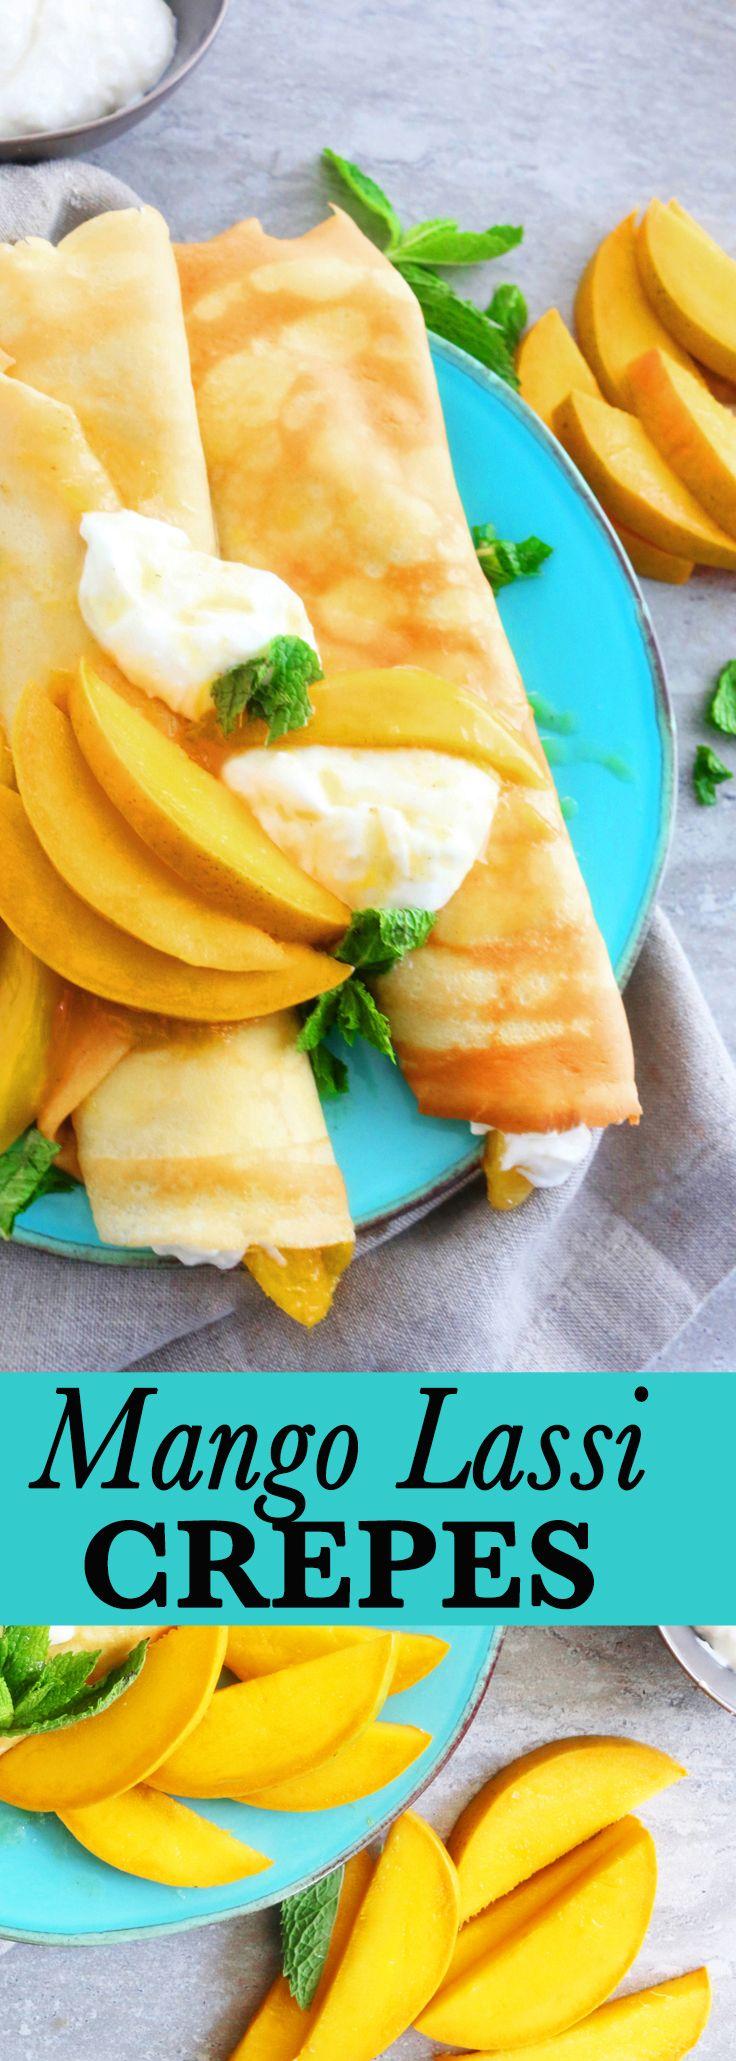 crepes | mango recipes | summer recipes | breakfast recipes | dessert recipes | mango crepes | mango lassi | recipe mashups | fusion recipes | indian recipes | indian breakfast | indian dessert